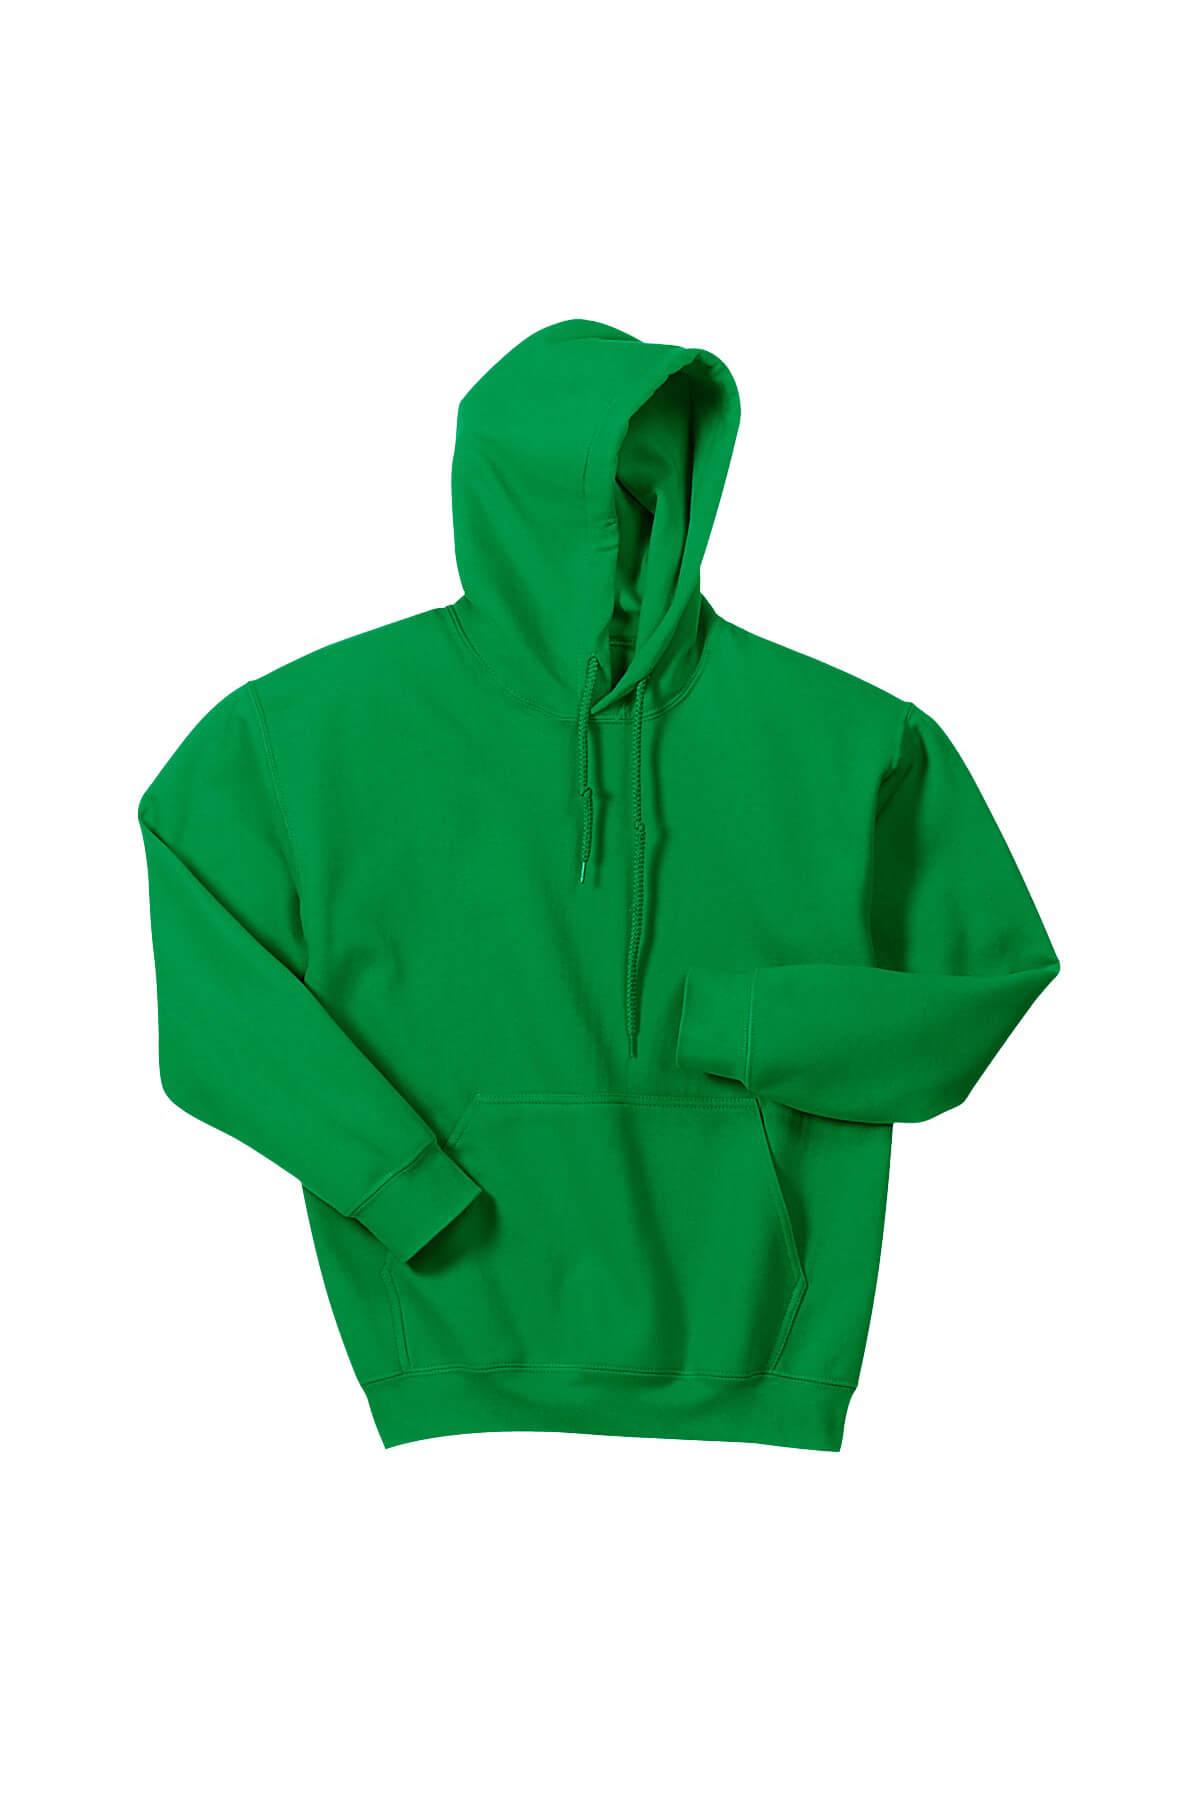 18500-irish-green-5